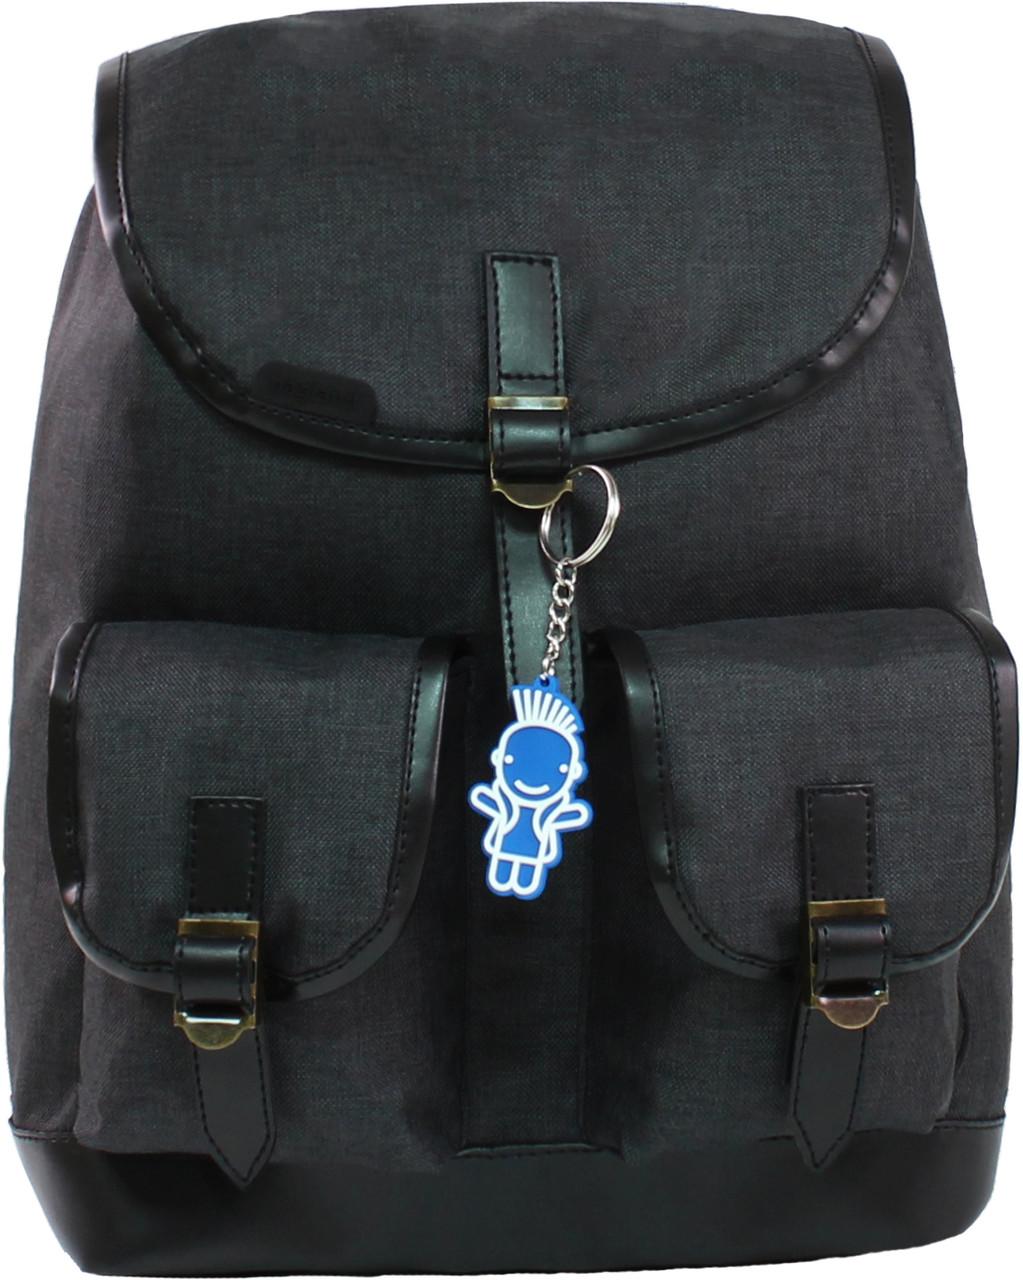 5bff3312fcb6 Женский рюкзак городской Bagland Amy 16л. черный (рюкзаки женские, жін